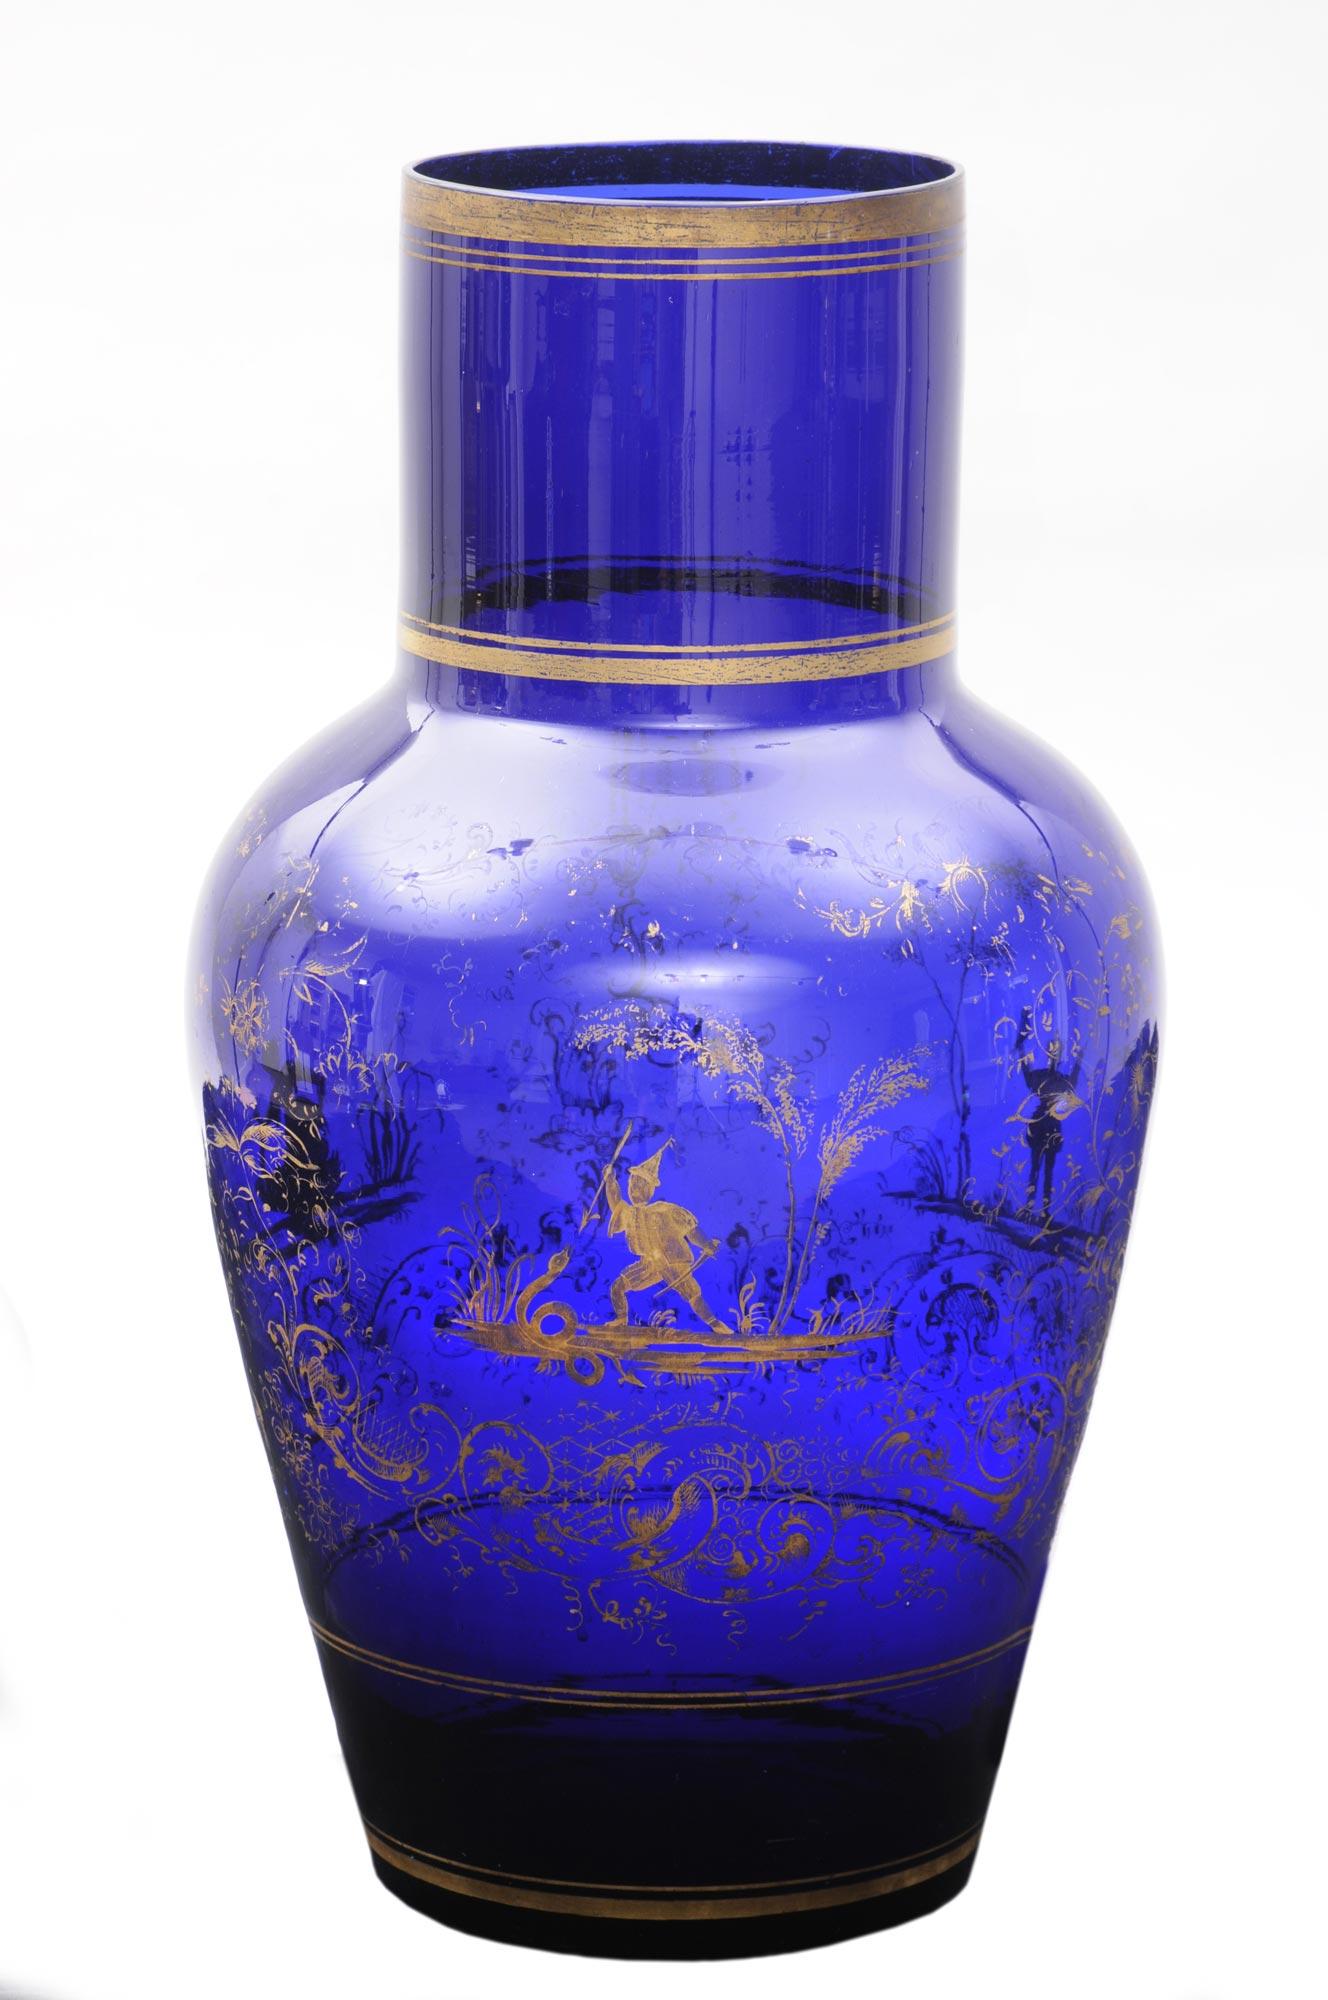 187 Product 187 Larage Cobalt Blue Vase